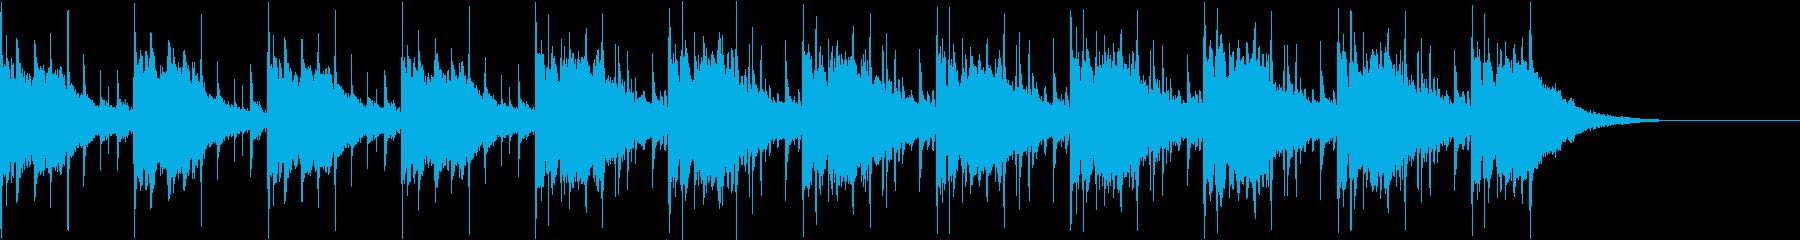 Pf「焦燥」和風現代ジャズの再生済みの波形